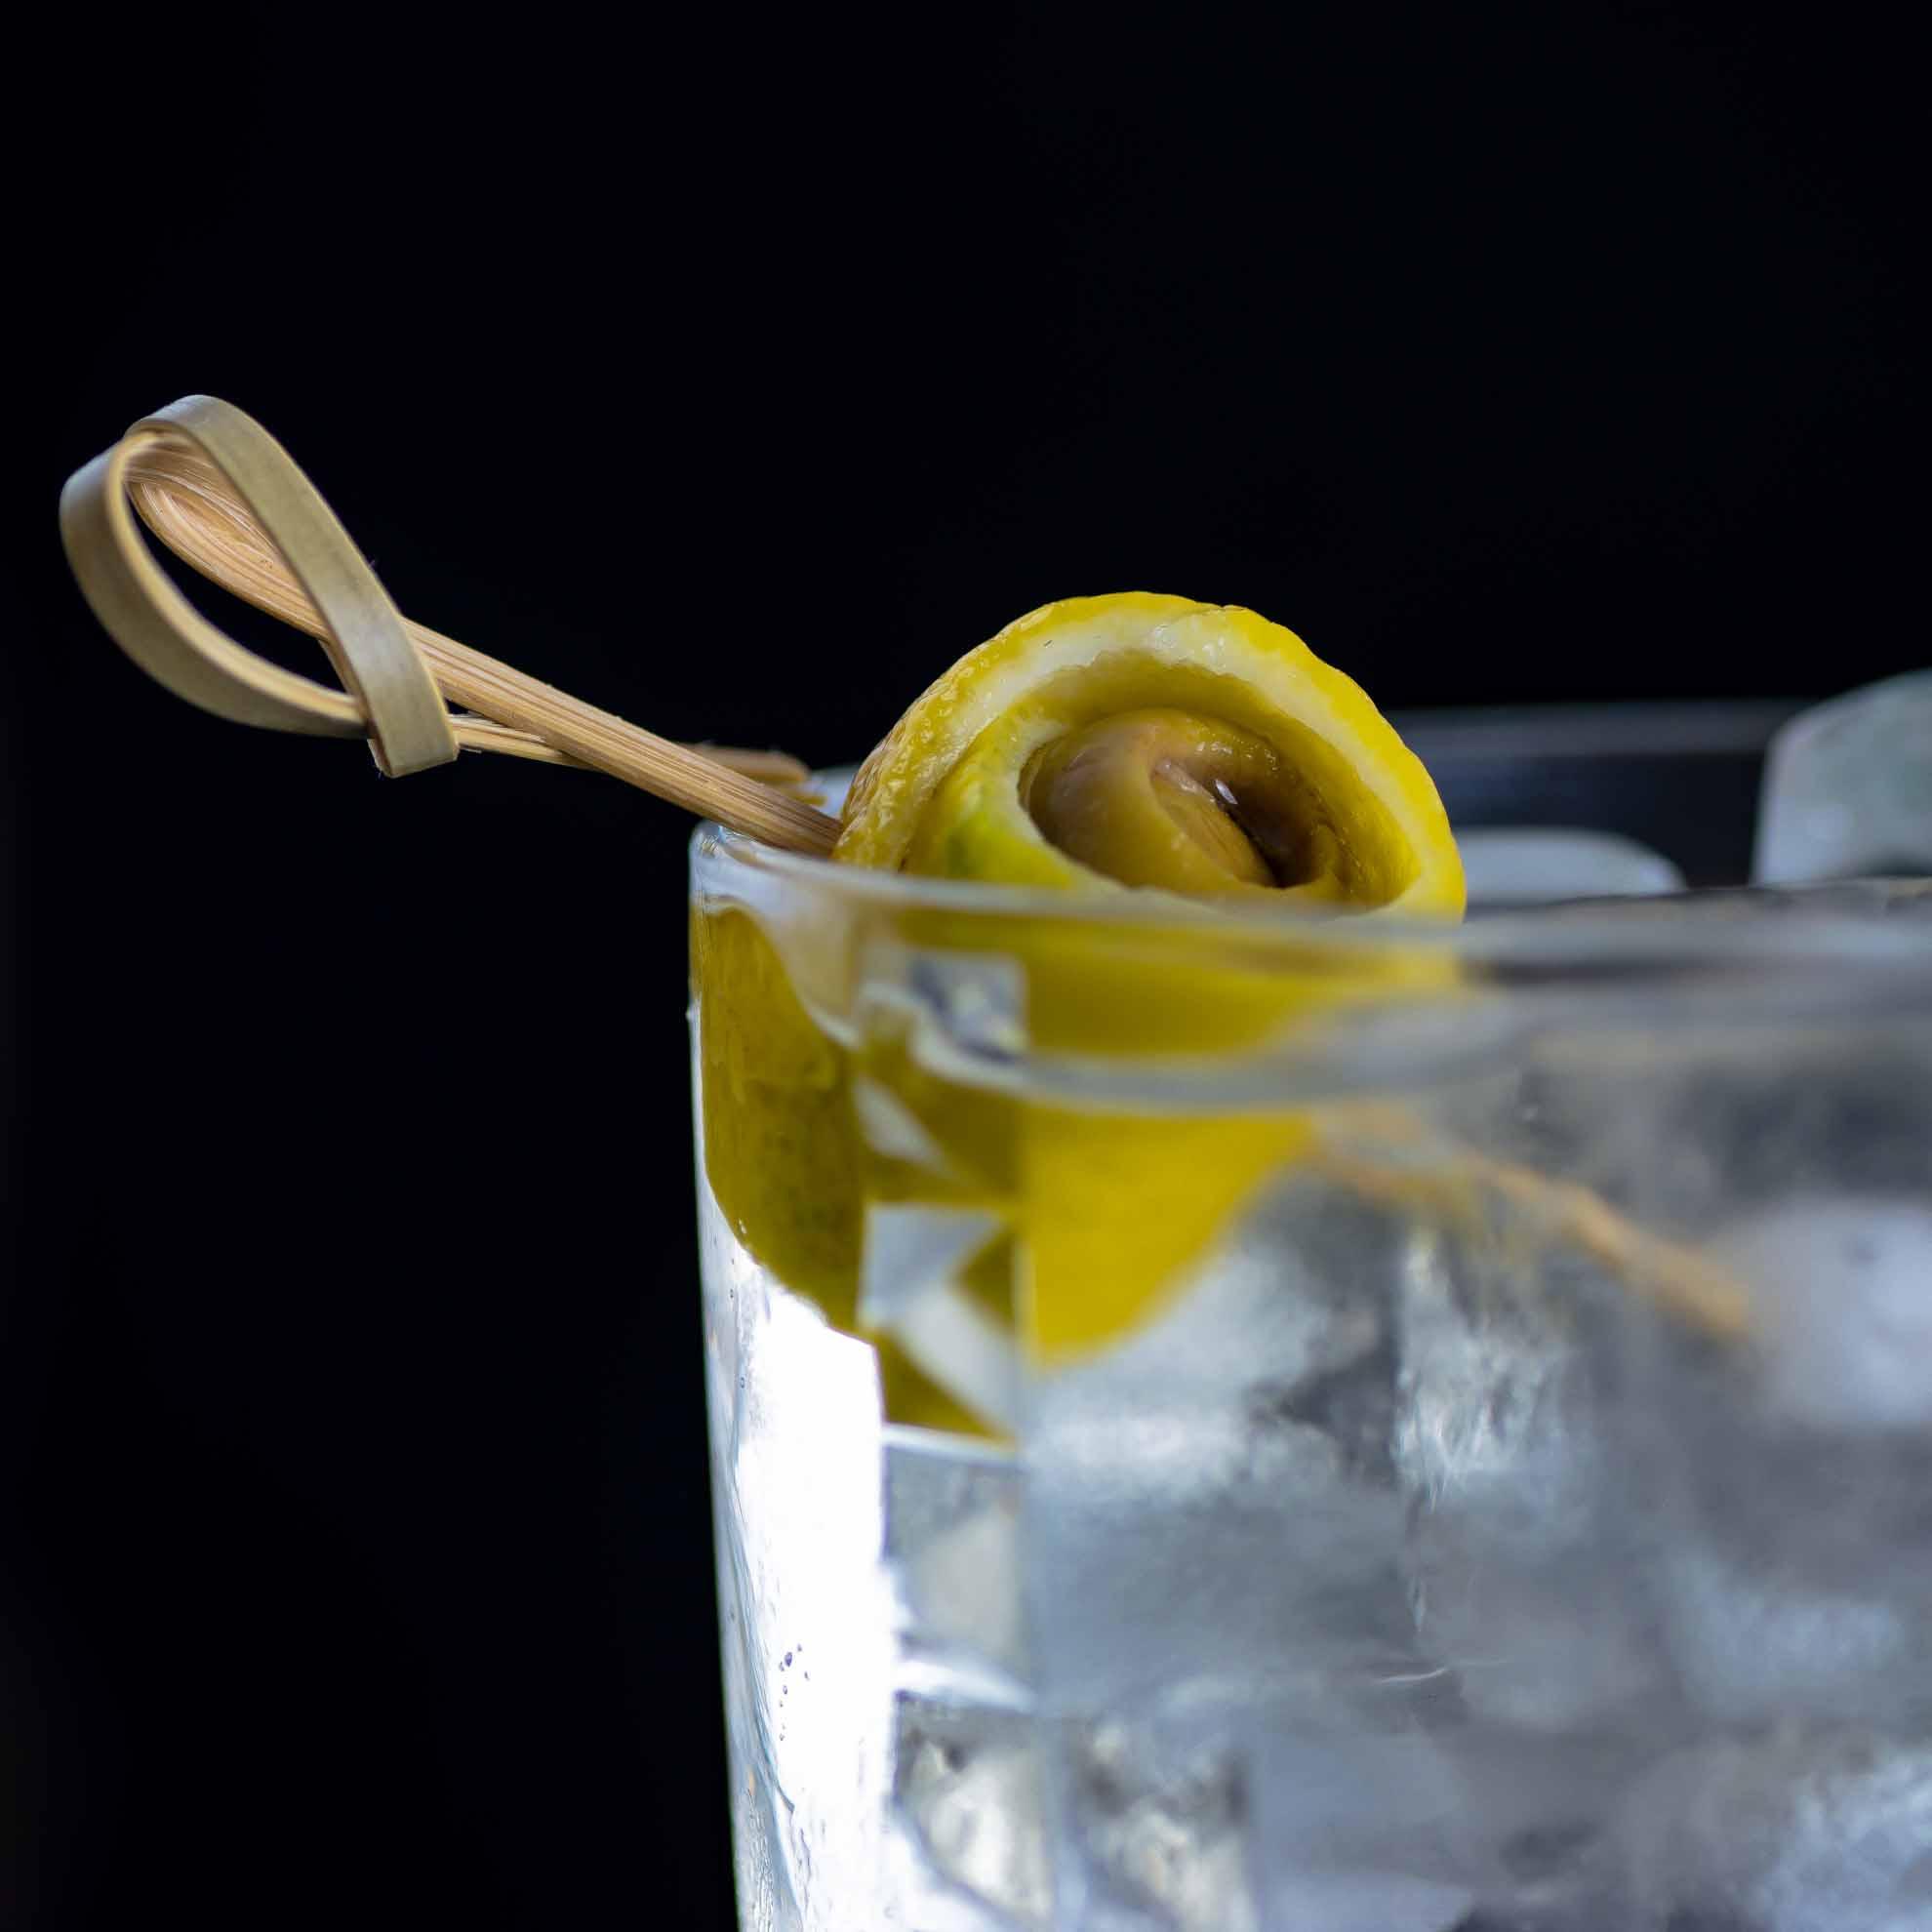 Das Garnish des Dirty Martini Highballs ist ziemliches Gefrickel - aber geil anzusehen.